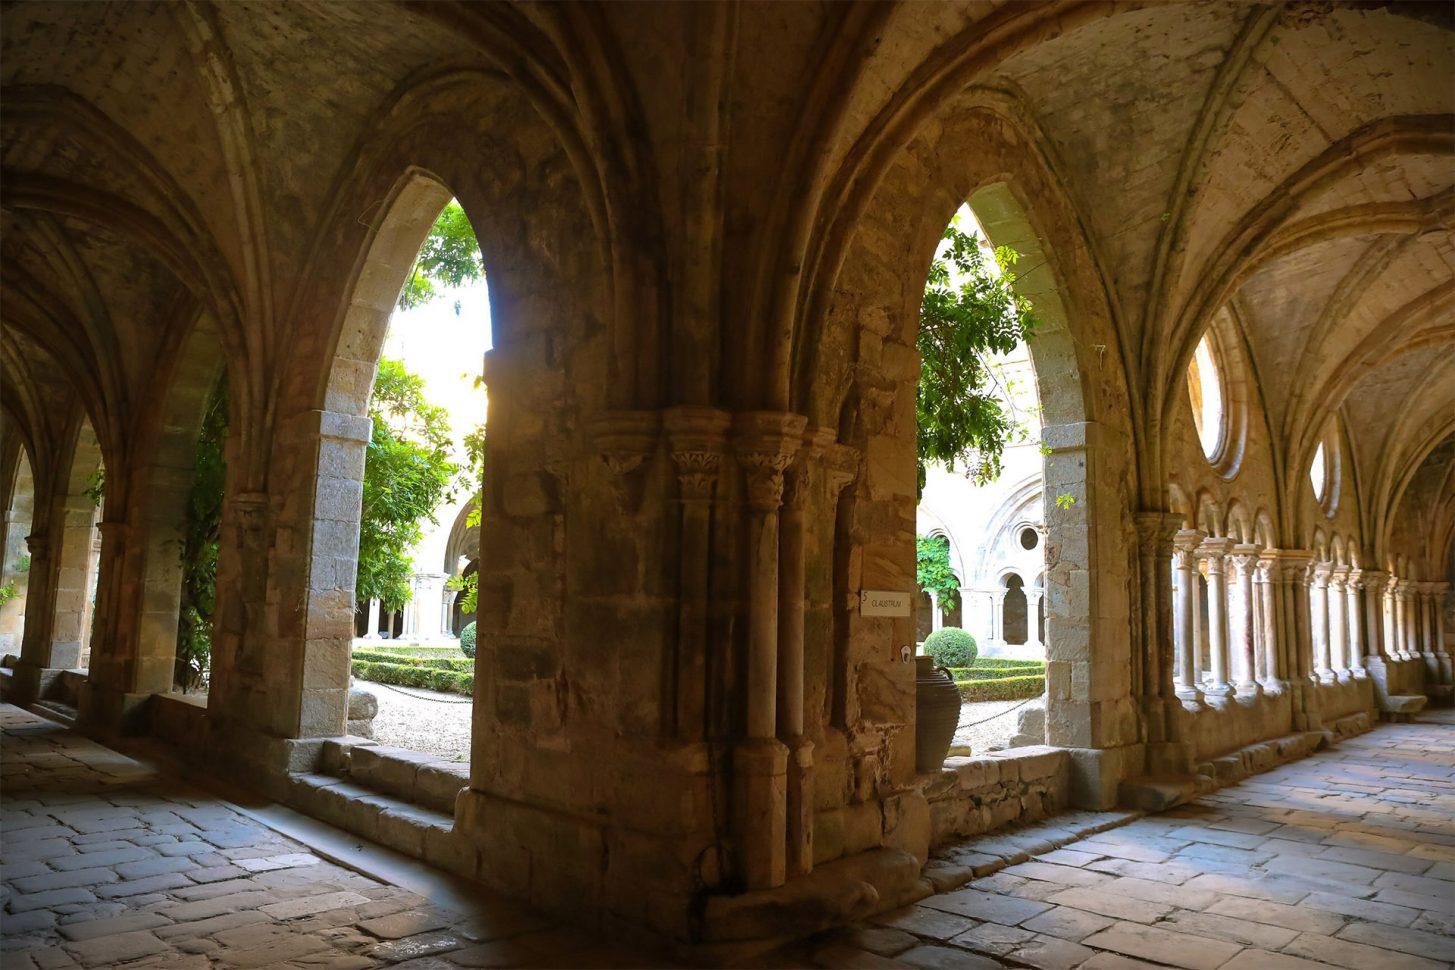 Visite du cloître de l'abbaye de Fontfroide ©Bernard Delmas-Mairie Narbonne